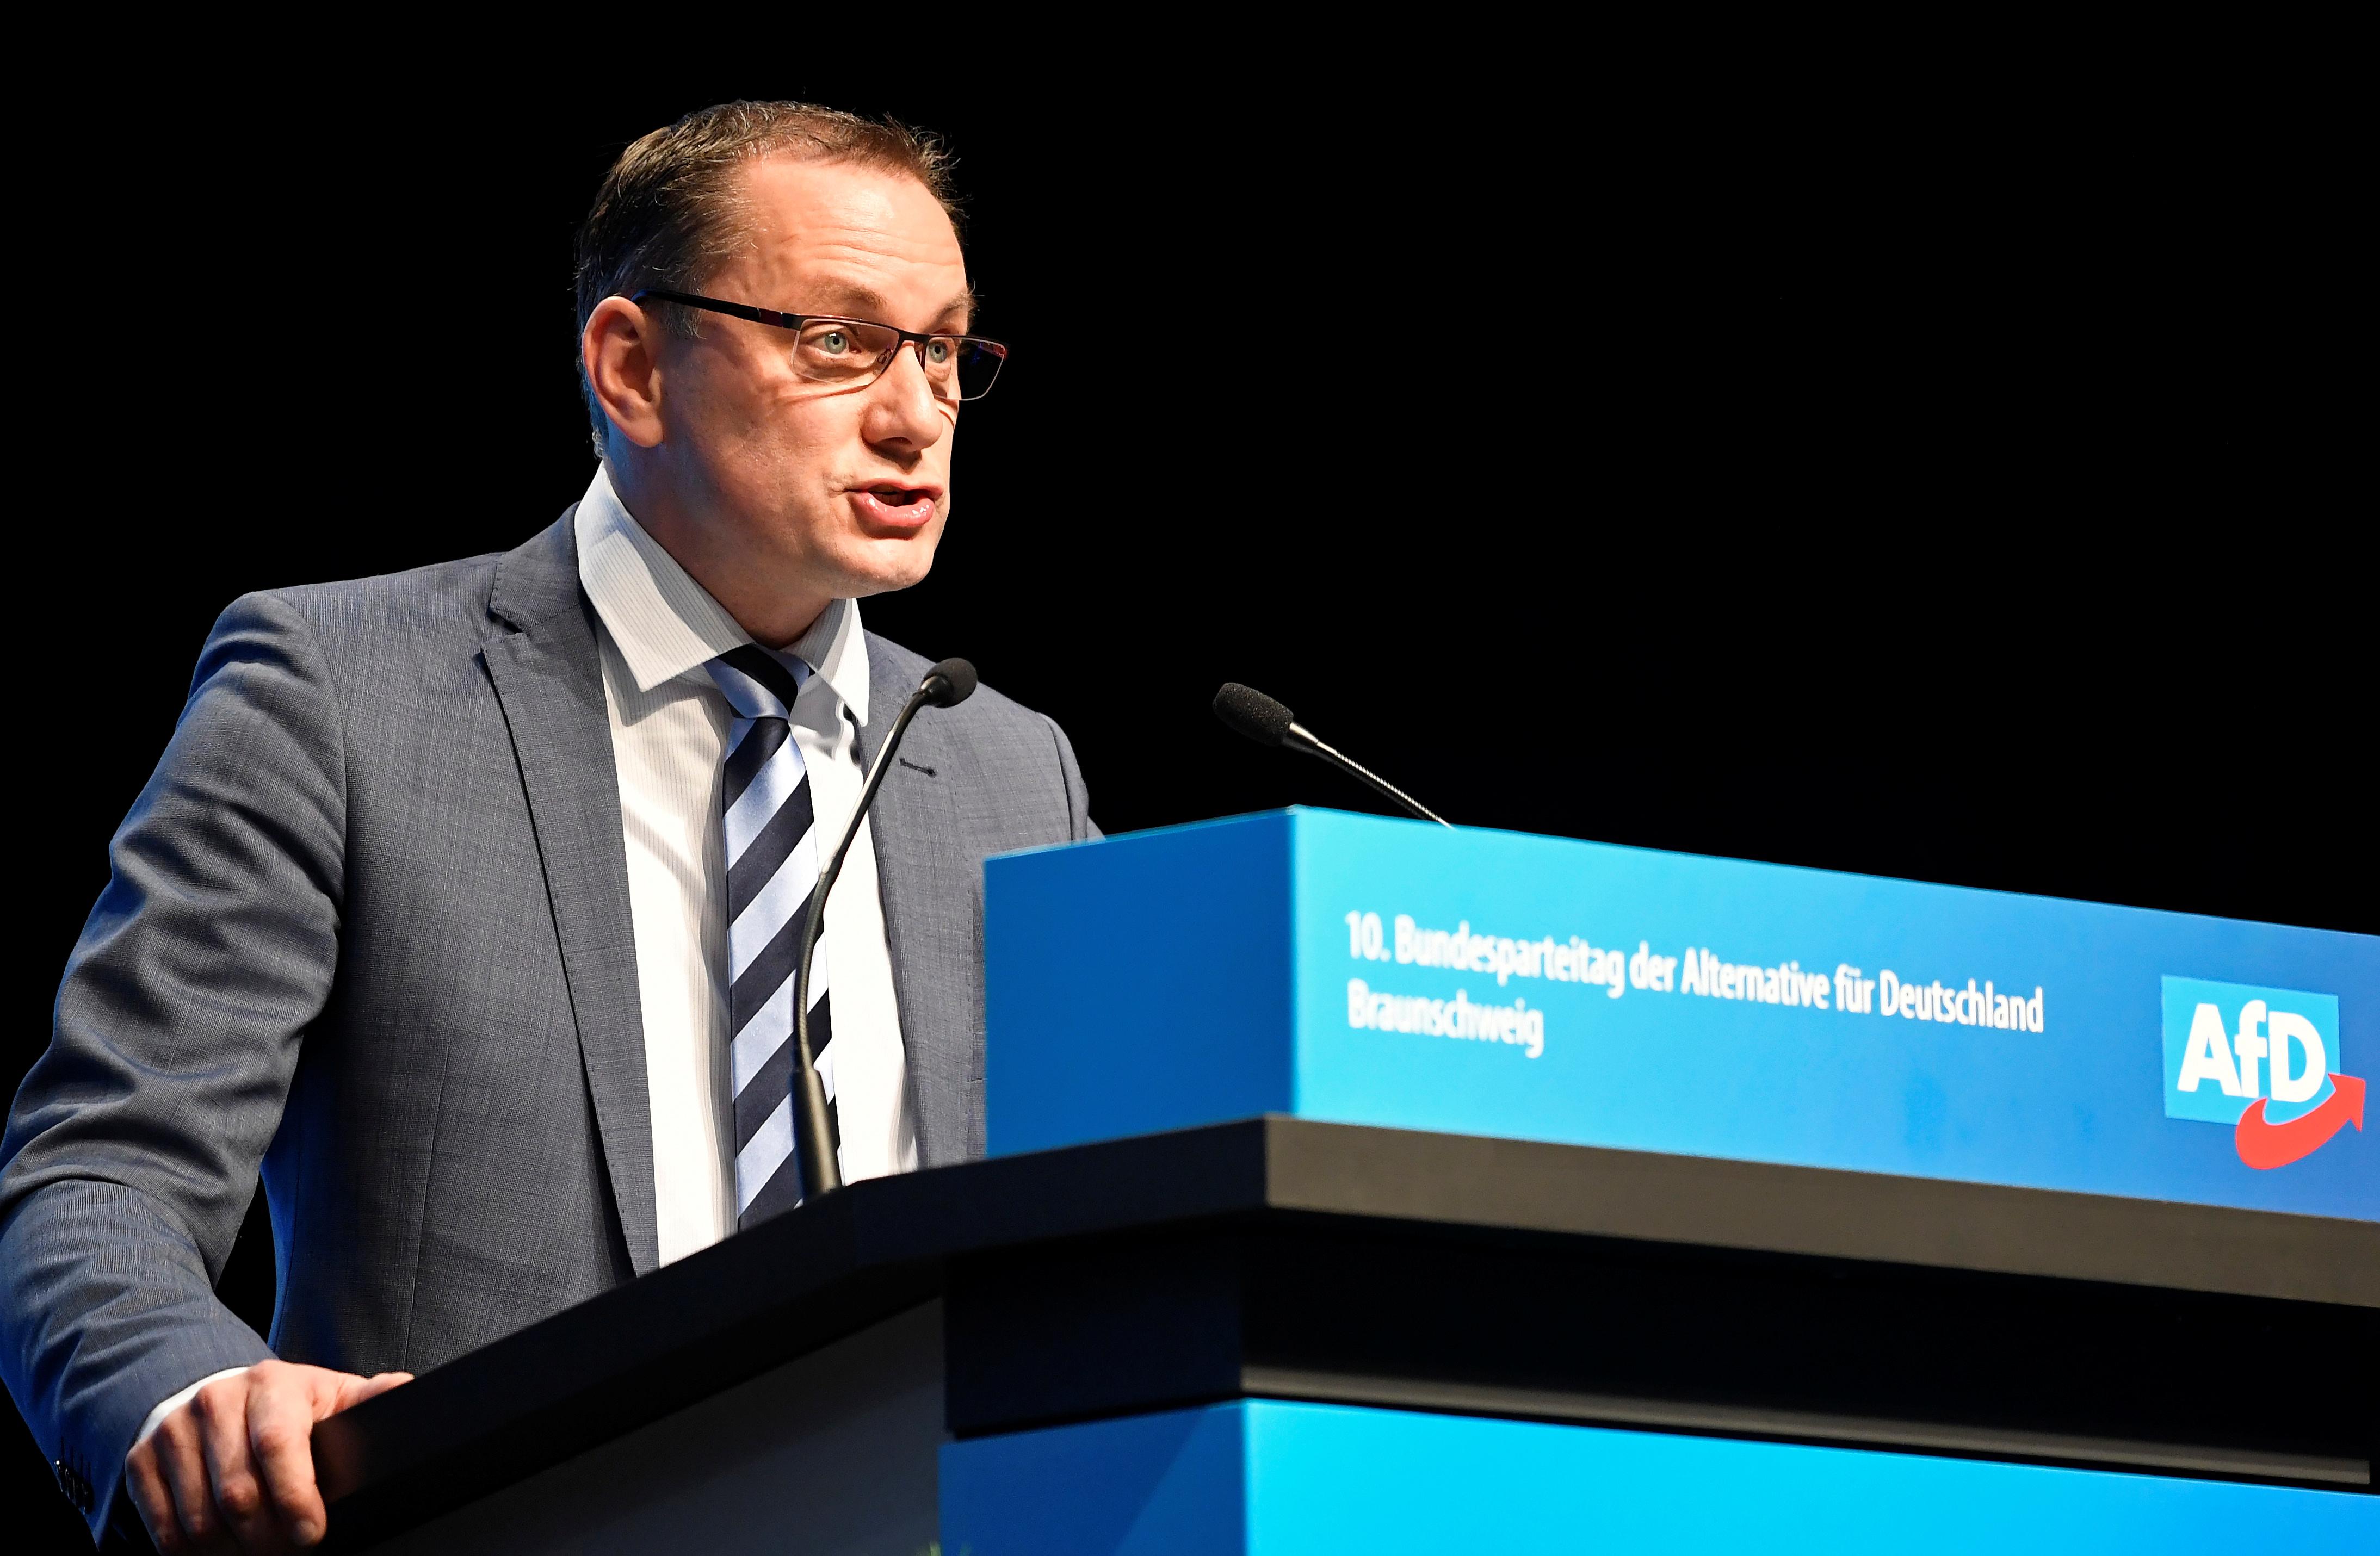 Γερμανία: Επανεκλογή του Μόιτεν στην ηγεσία του ρατσιστικού AfD